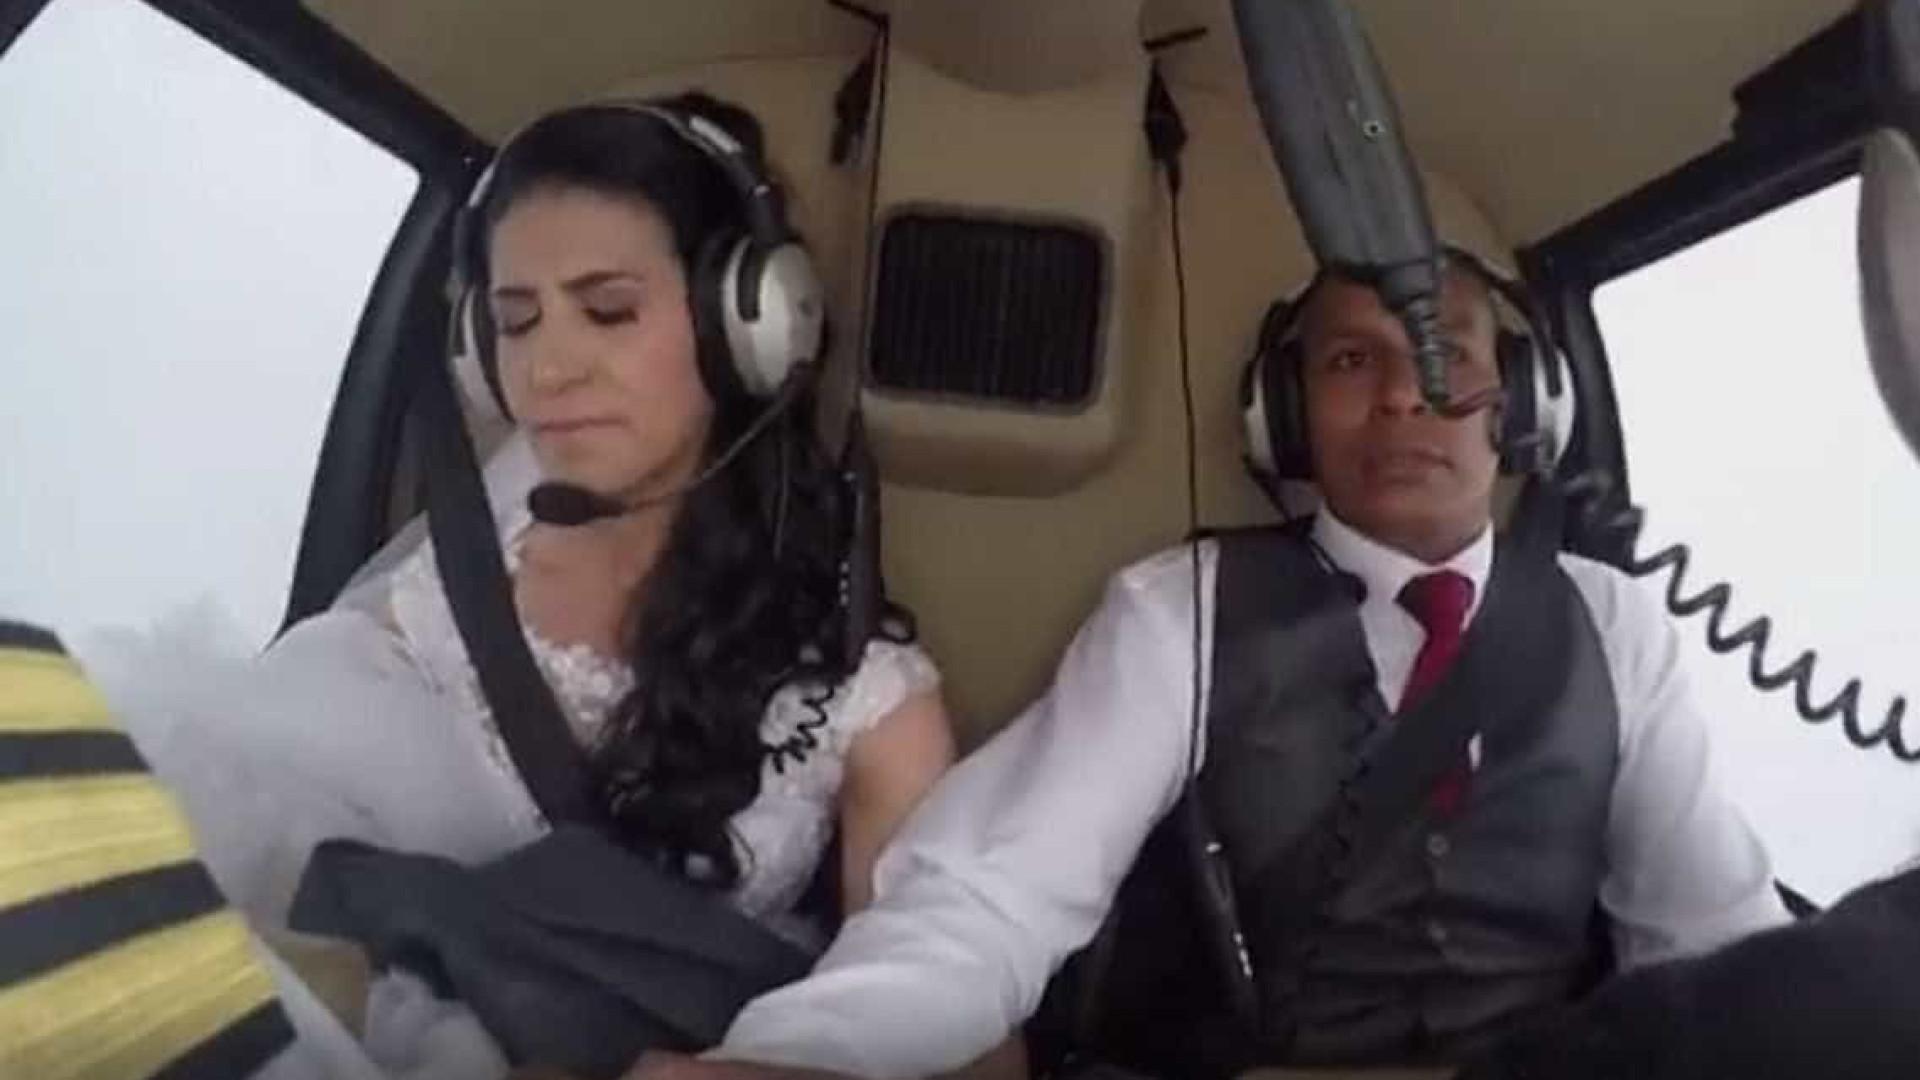 Vídeo chocante mostra queda de helicóptero que matou noiva